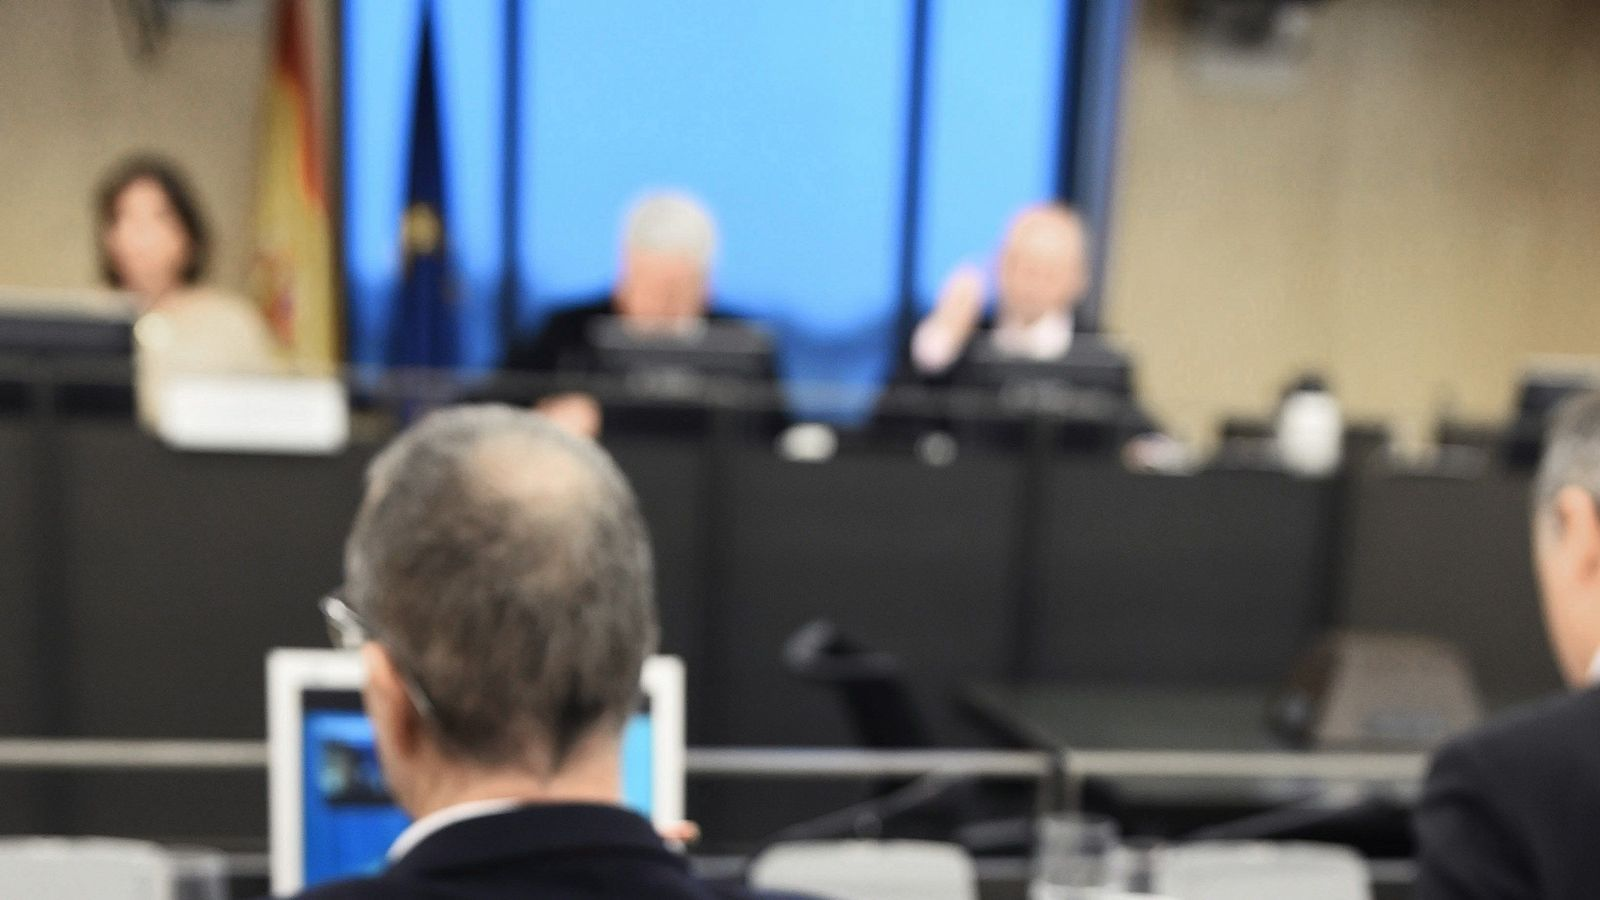 Jaume Matas, declarant en videoconferència des de la presó a la comissió d'investigació del Congrés sobre el finançament il·legal del PP